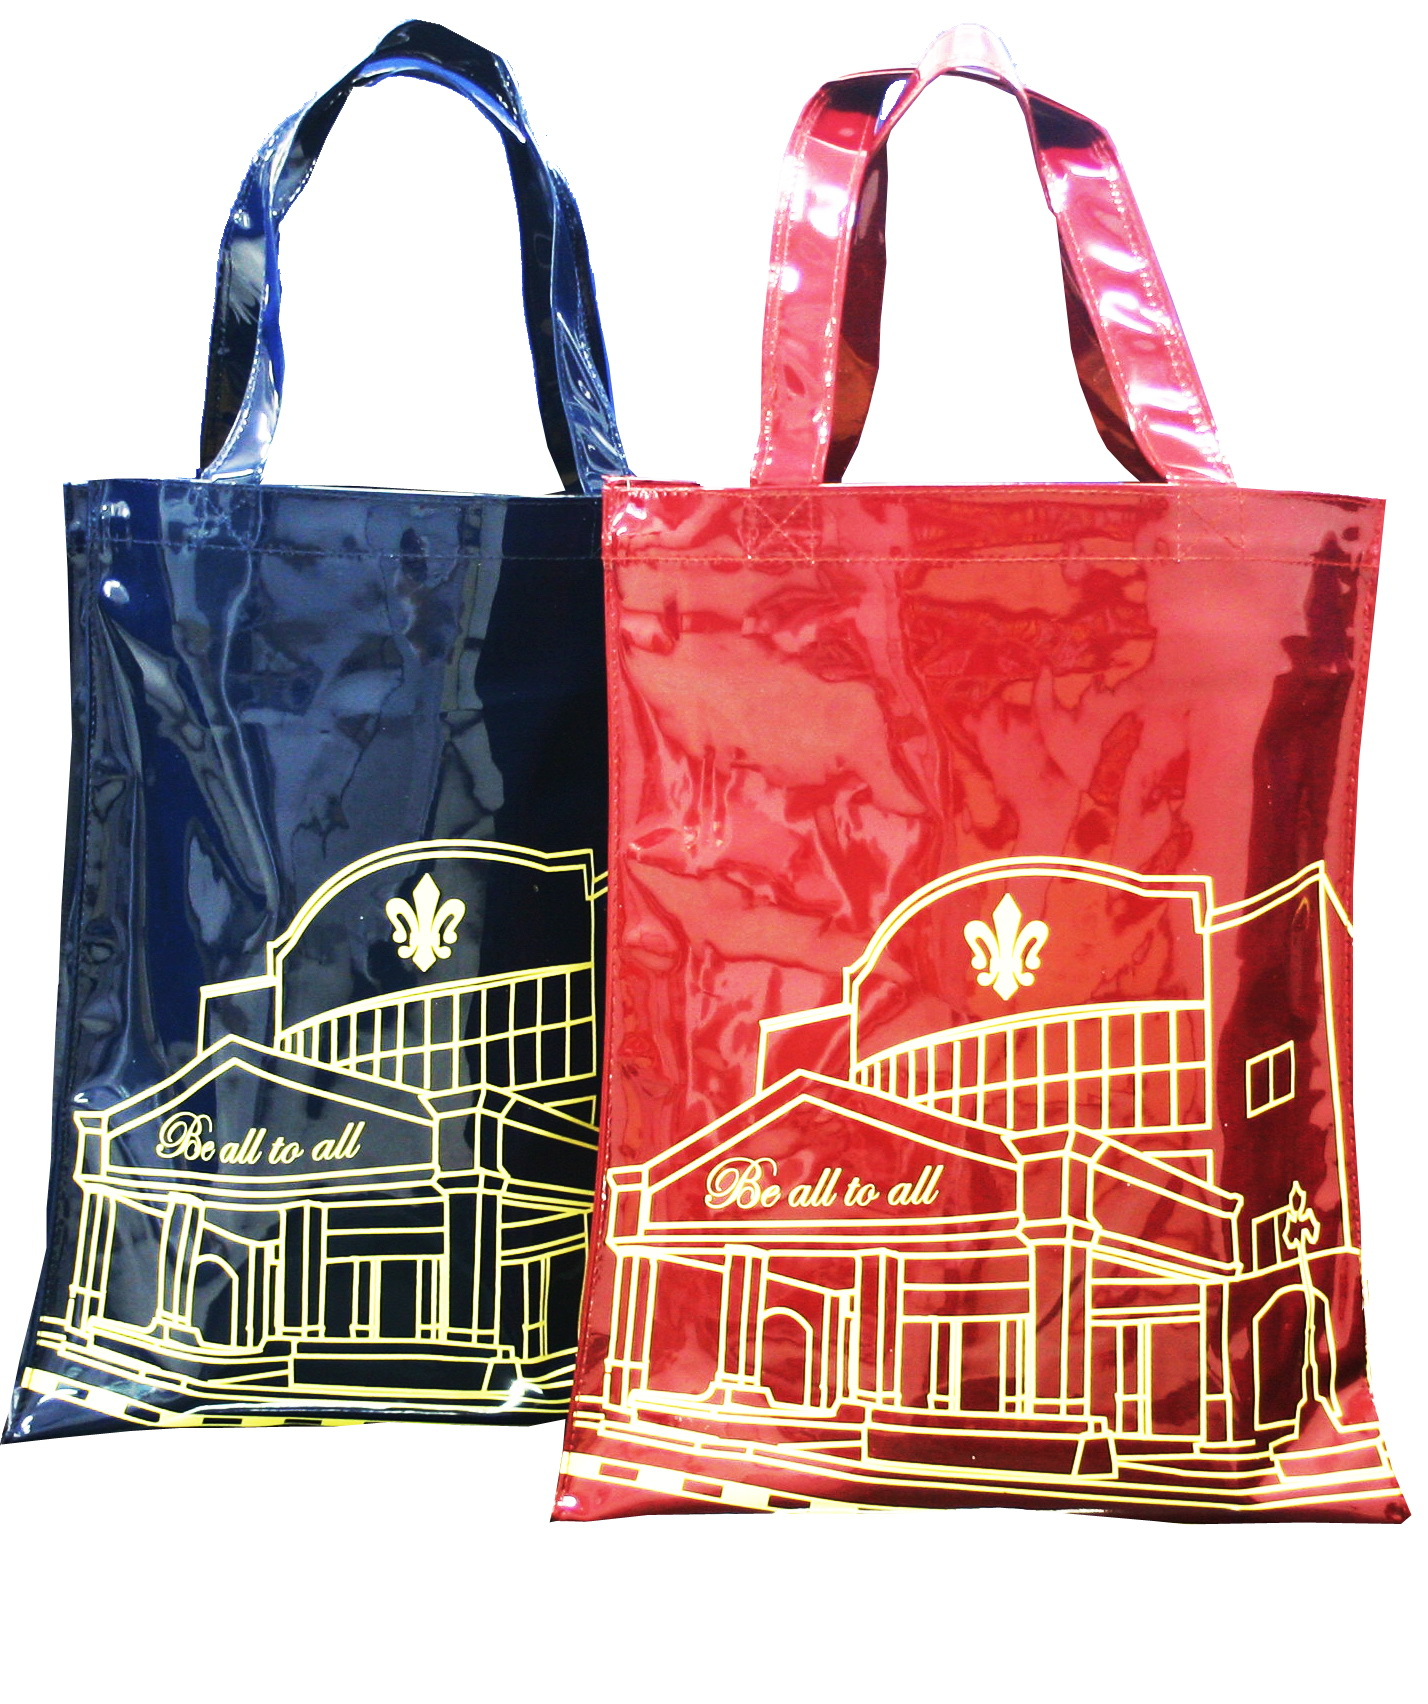 กระเป๋าหนังแก้วสีแดง